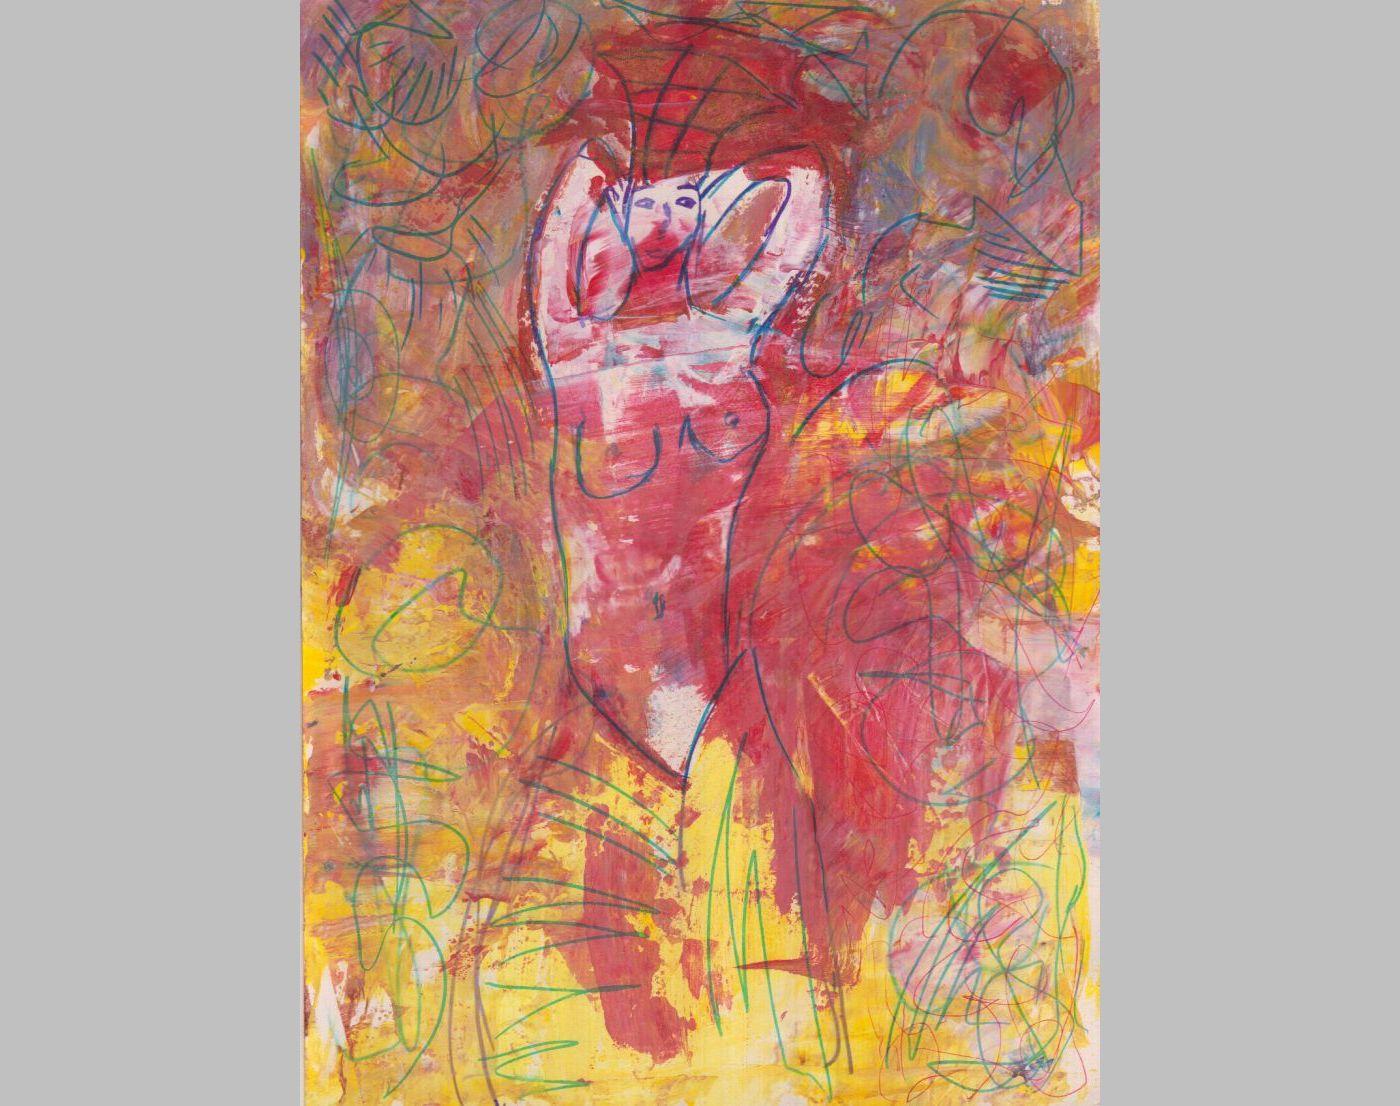 Tänzerin (2014, 21 x 29,7 cm, A4)